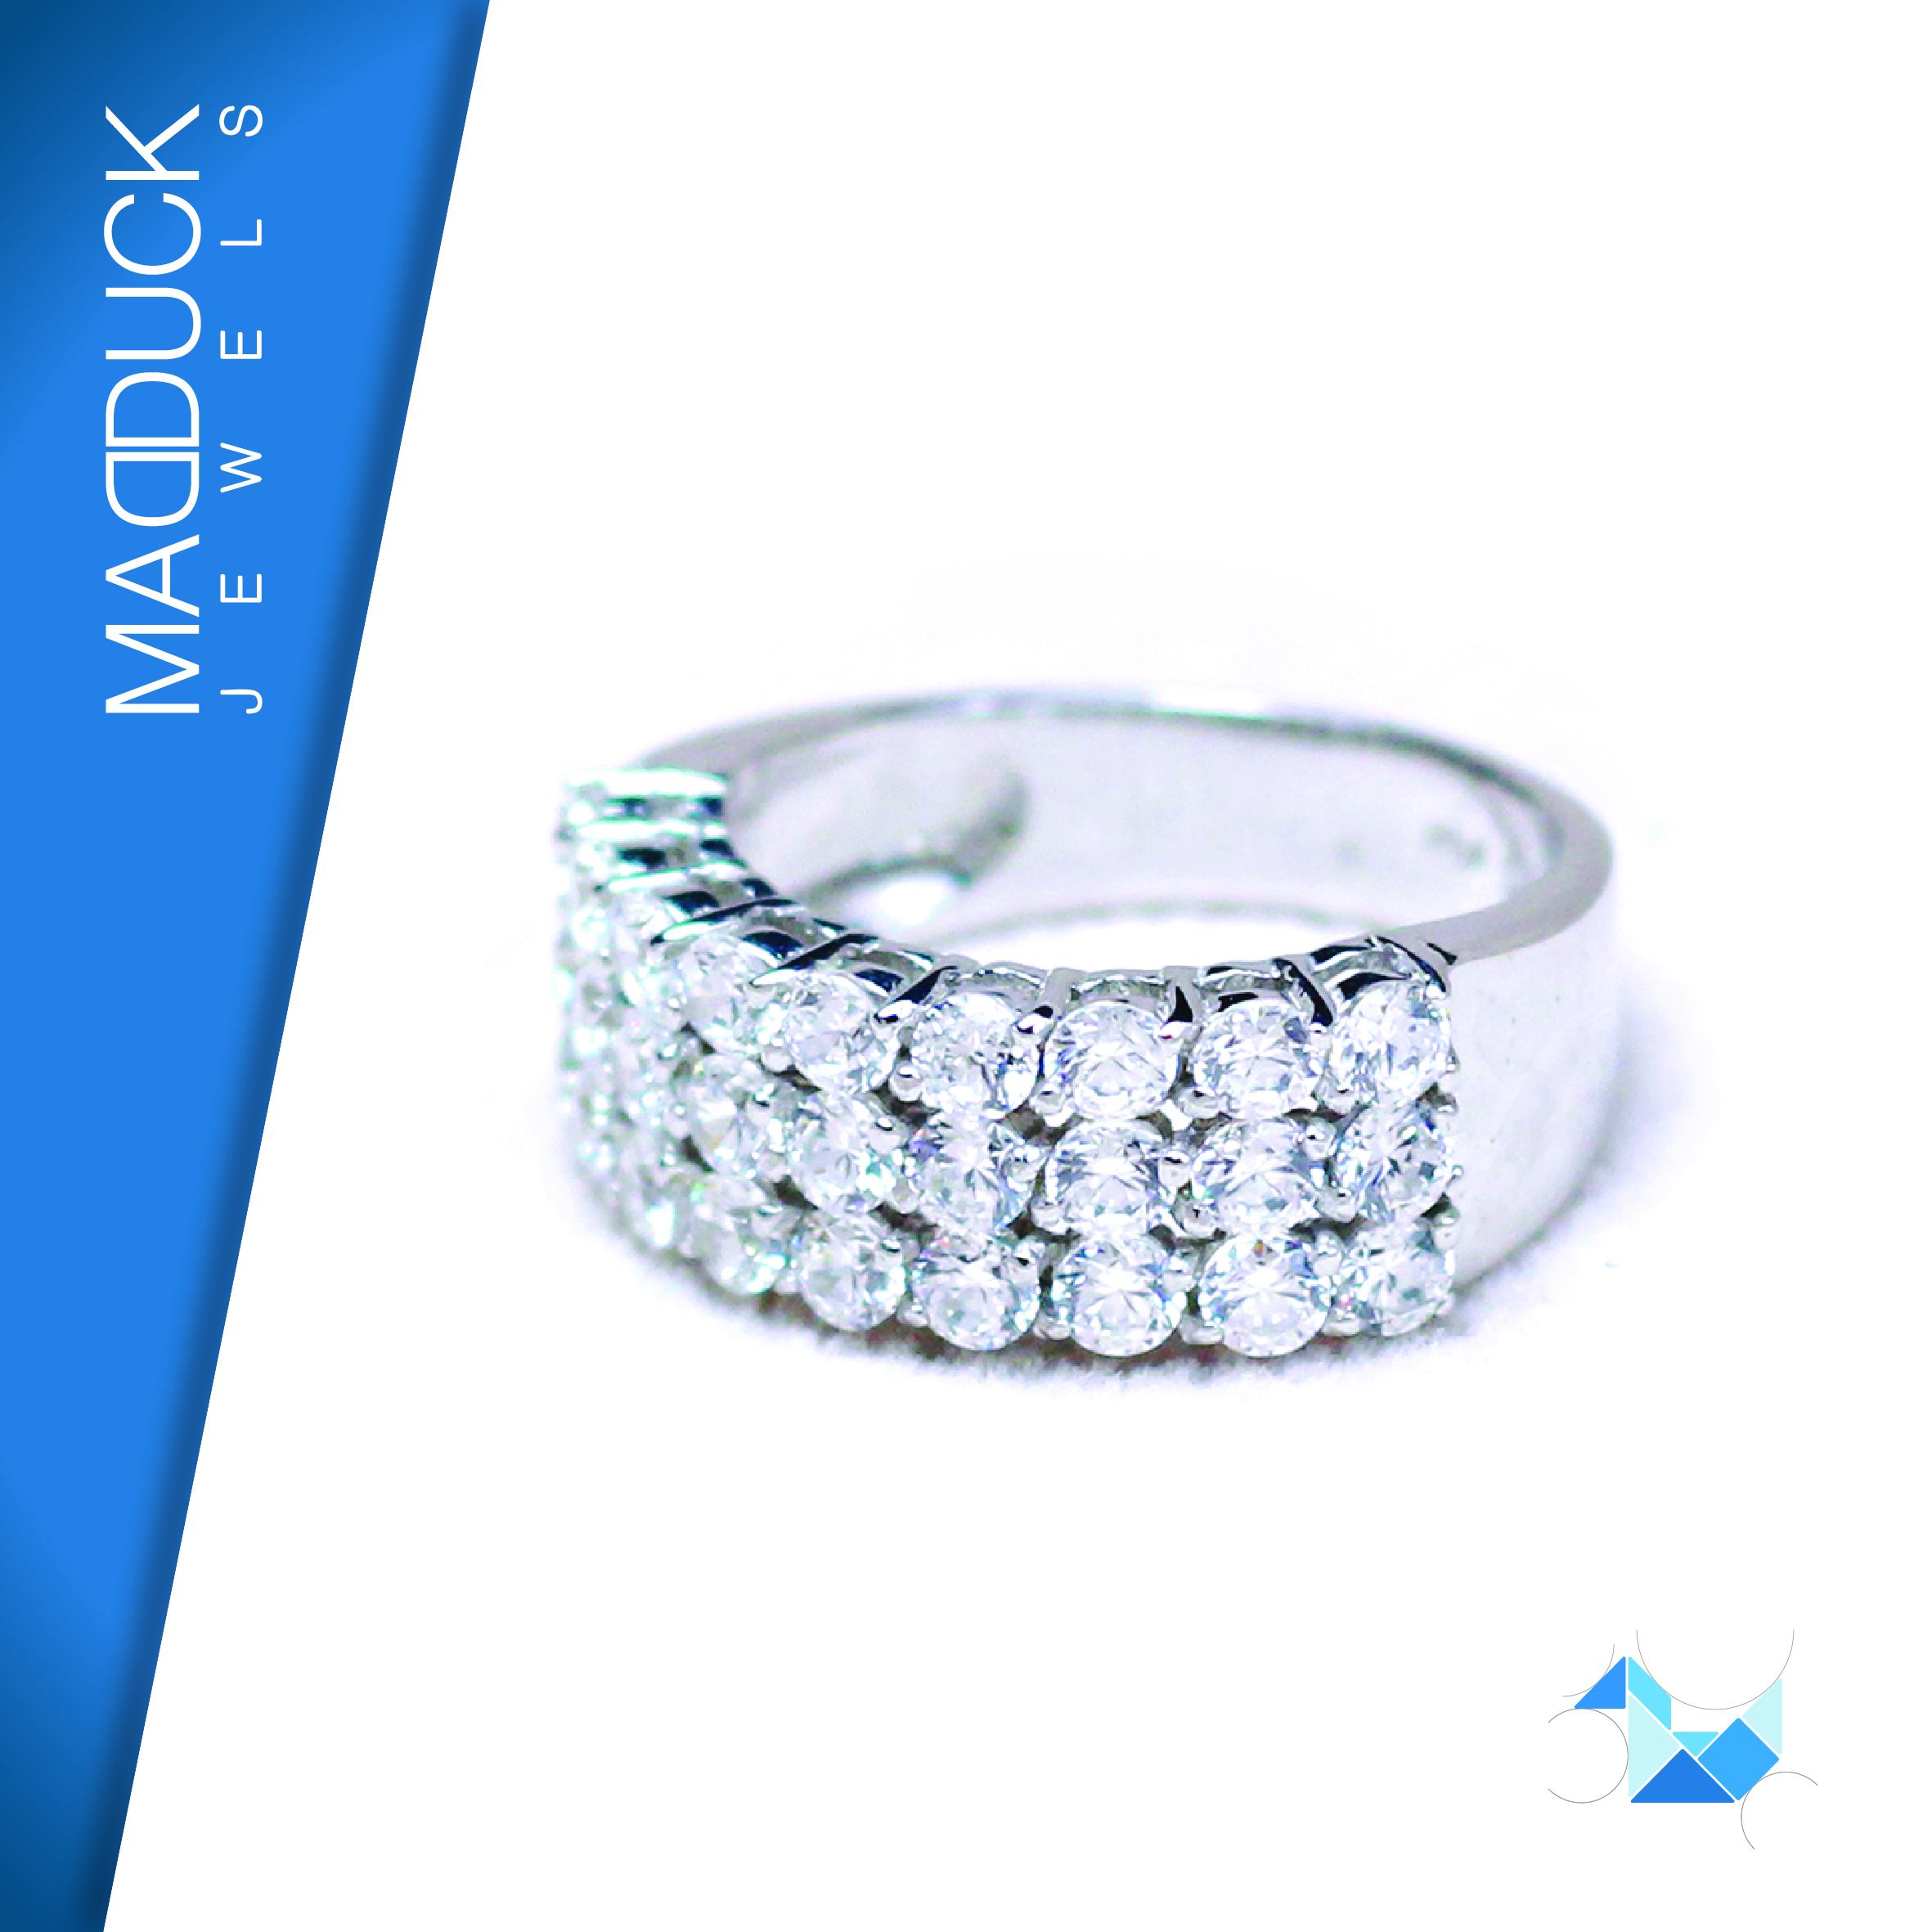 แหวนเงินแท้ เพชรสังเคราะห์ ชุบทองคำขาว รุ่น RG1401 9x3